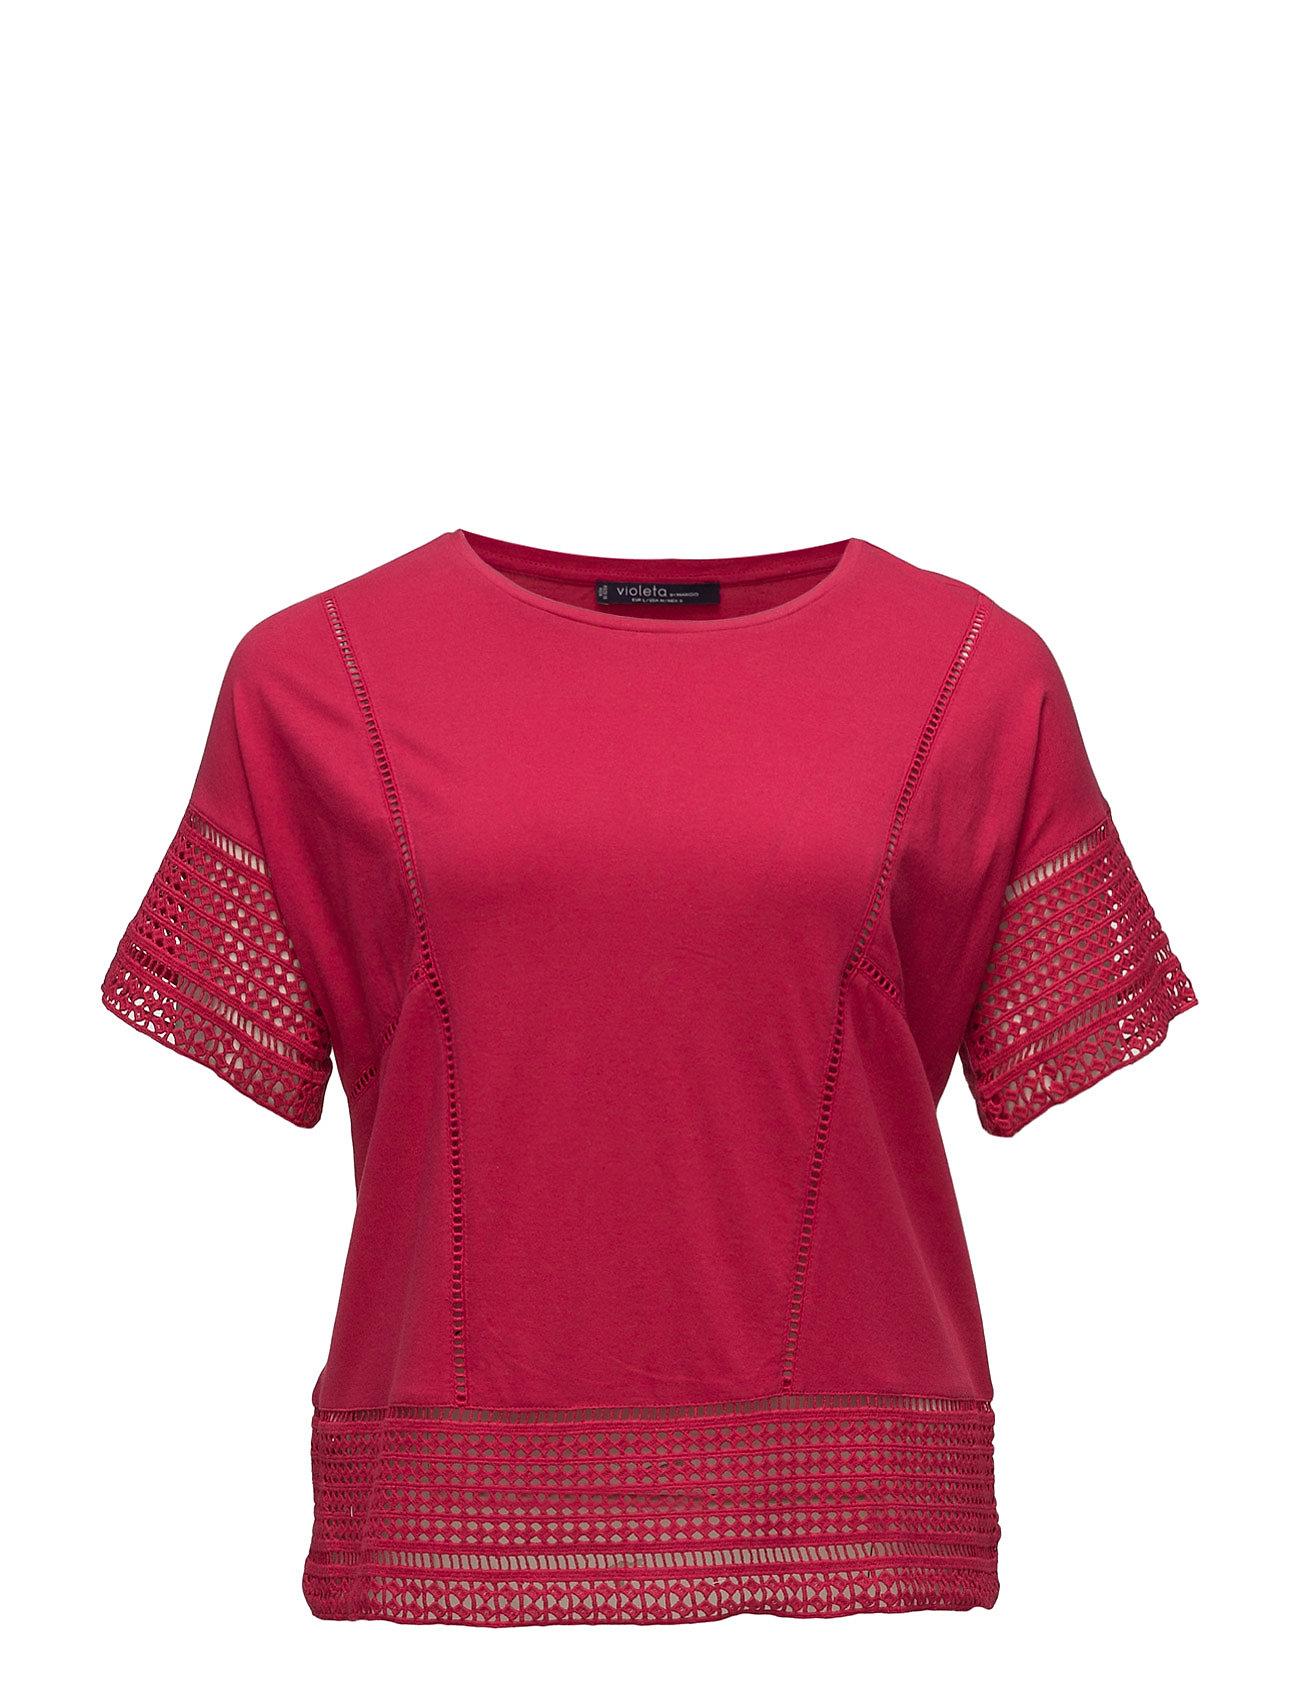 Openwork Panels T-Shirt Violeta by Mango Kortærmede til Damer i Bright Red